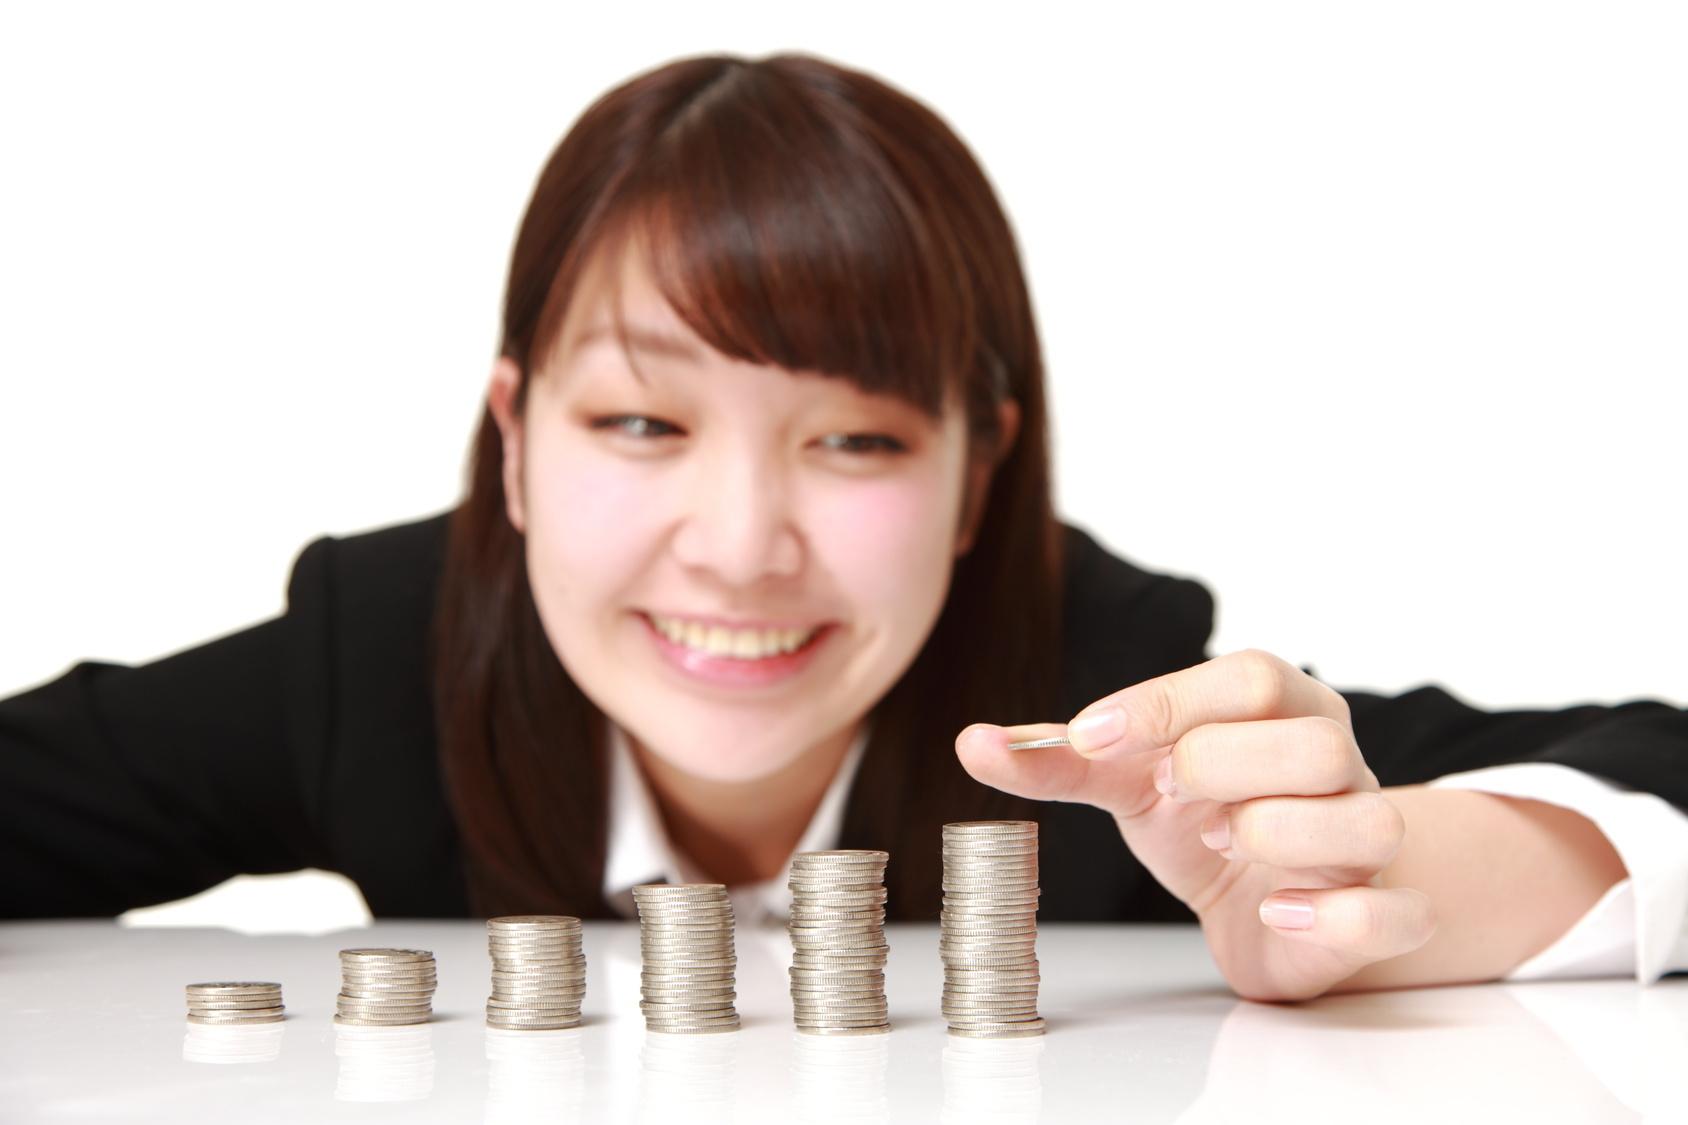 7月昇給の会社は「アタマがいい」理由:昇給と社会保険料の関係